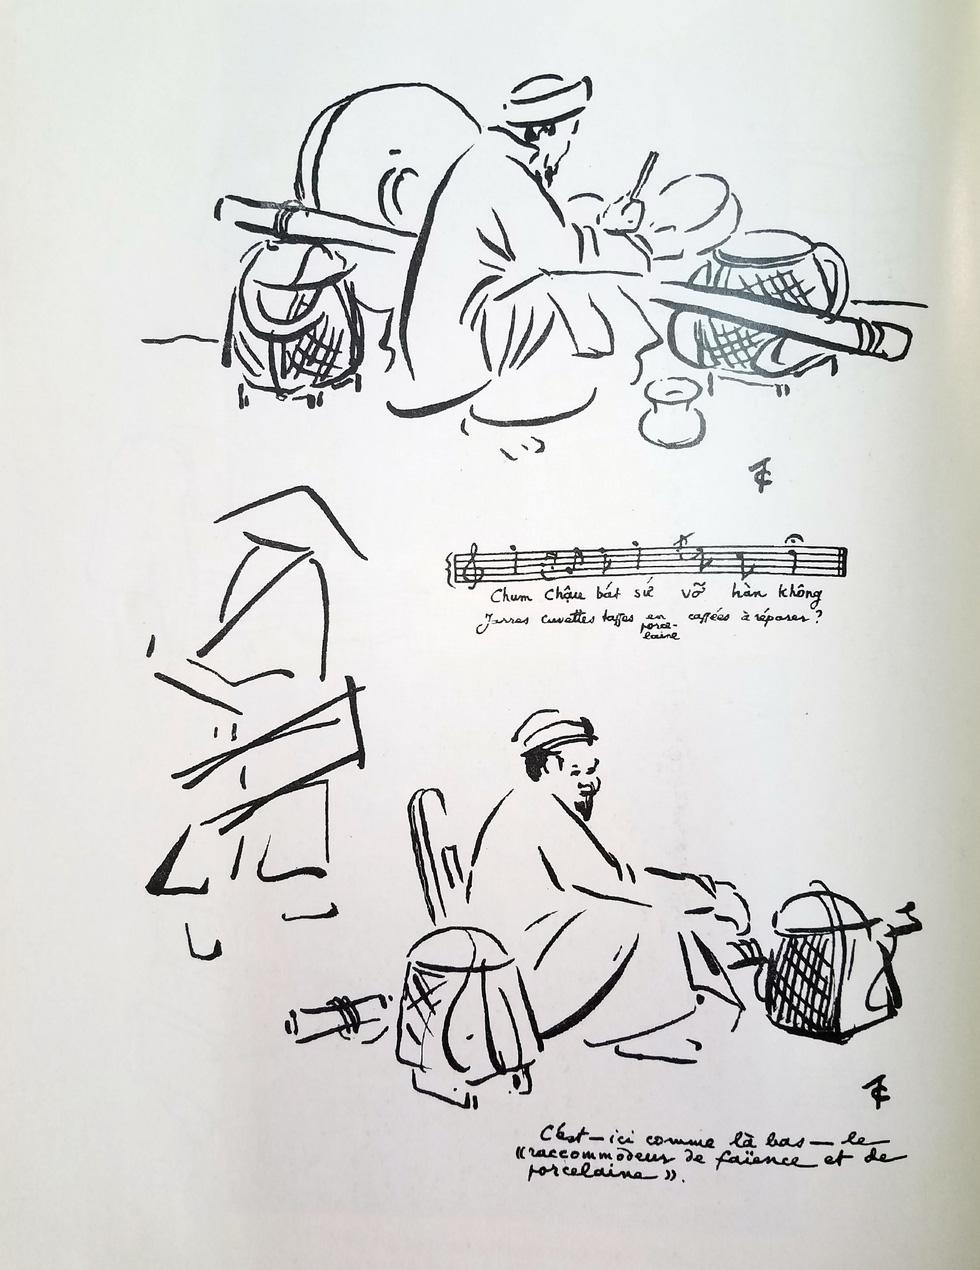 Ngắm hàng rong và nghe tiếng rao hàng trên phố Hà Nội xưa - Ảnh 13.